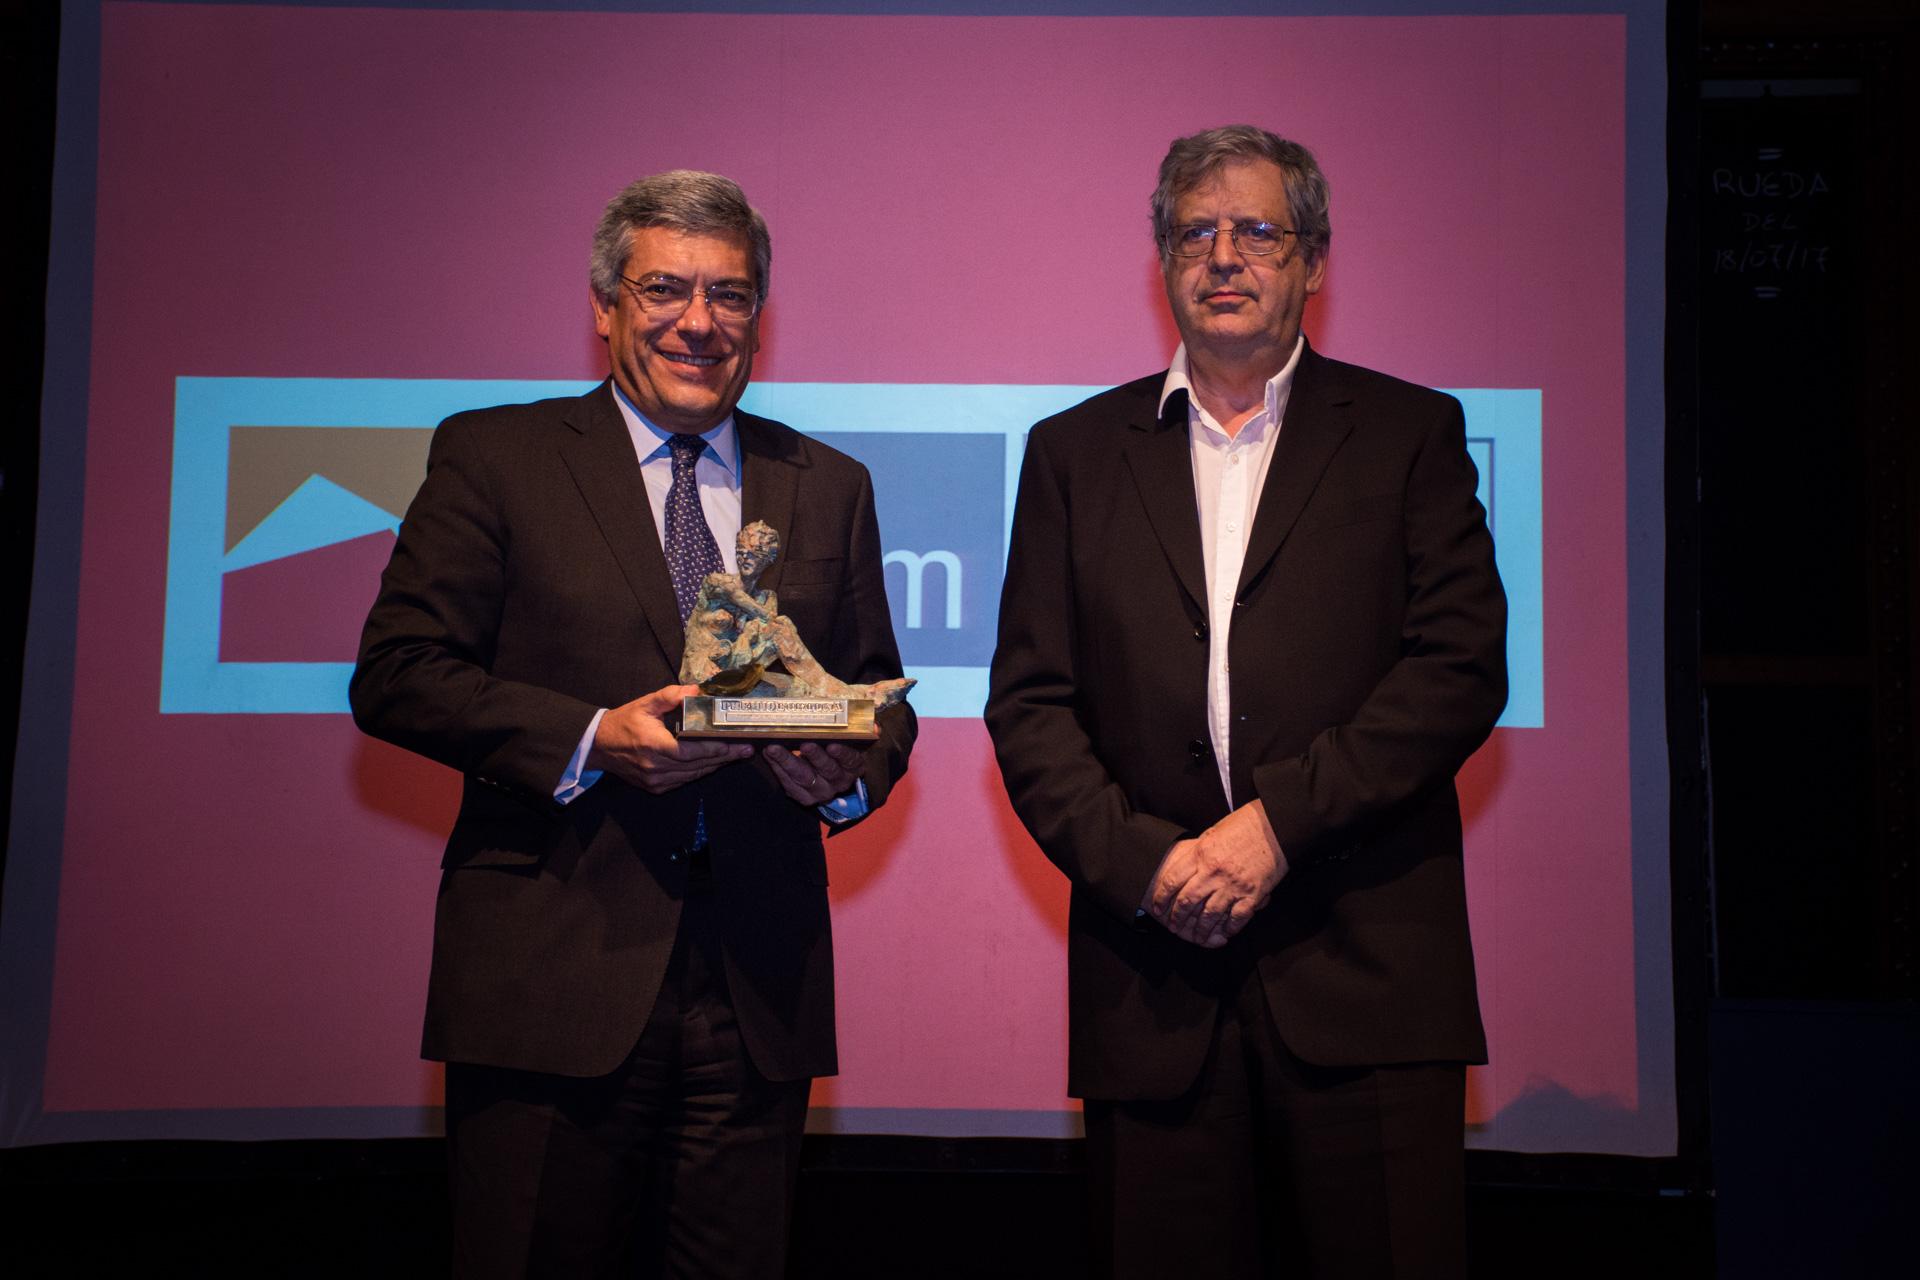 Mejor Empresa Siderúrgica: Ternium Siderar. El premio fue recibido por su director general, Martín Berardi